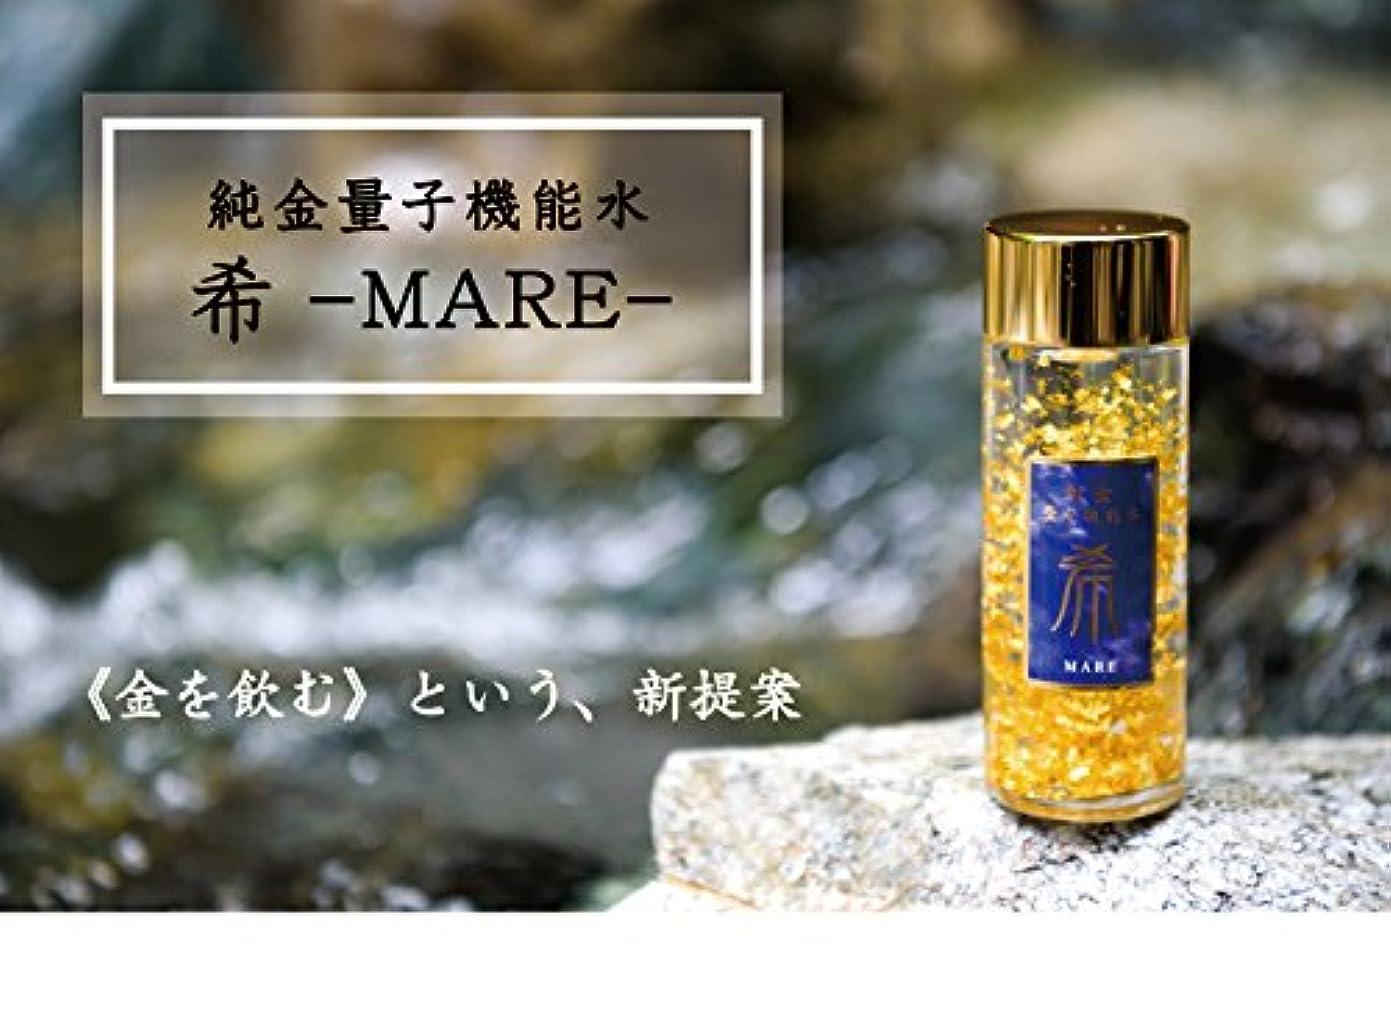 リール傾いた恐怖症純金量子機能水 希-MARE- /115ml